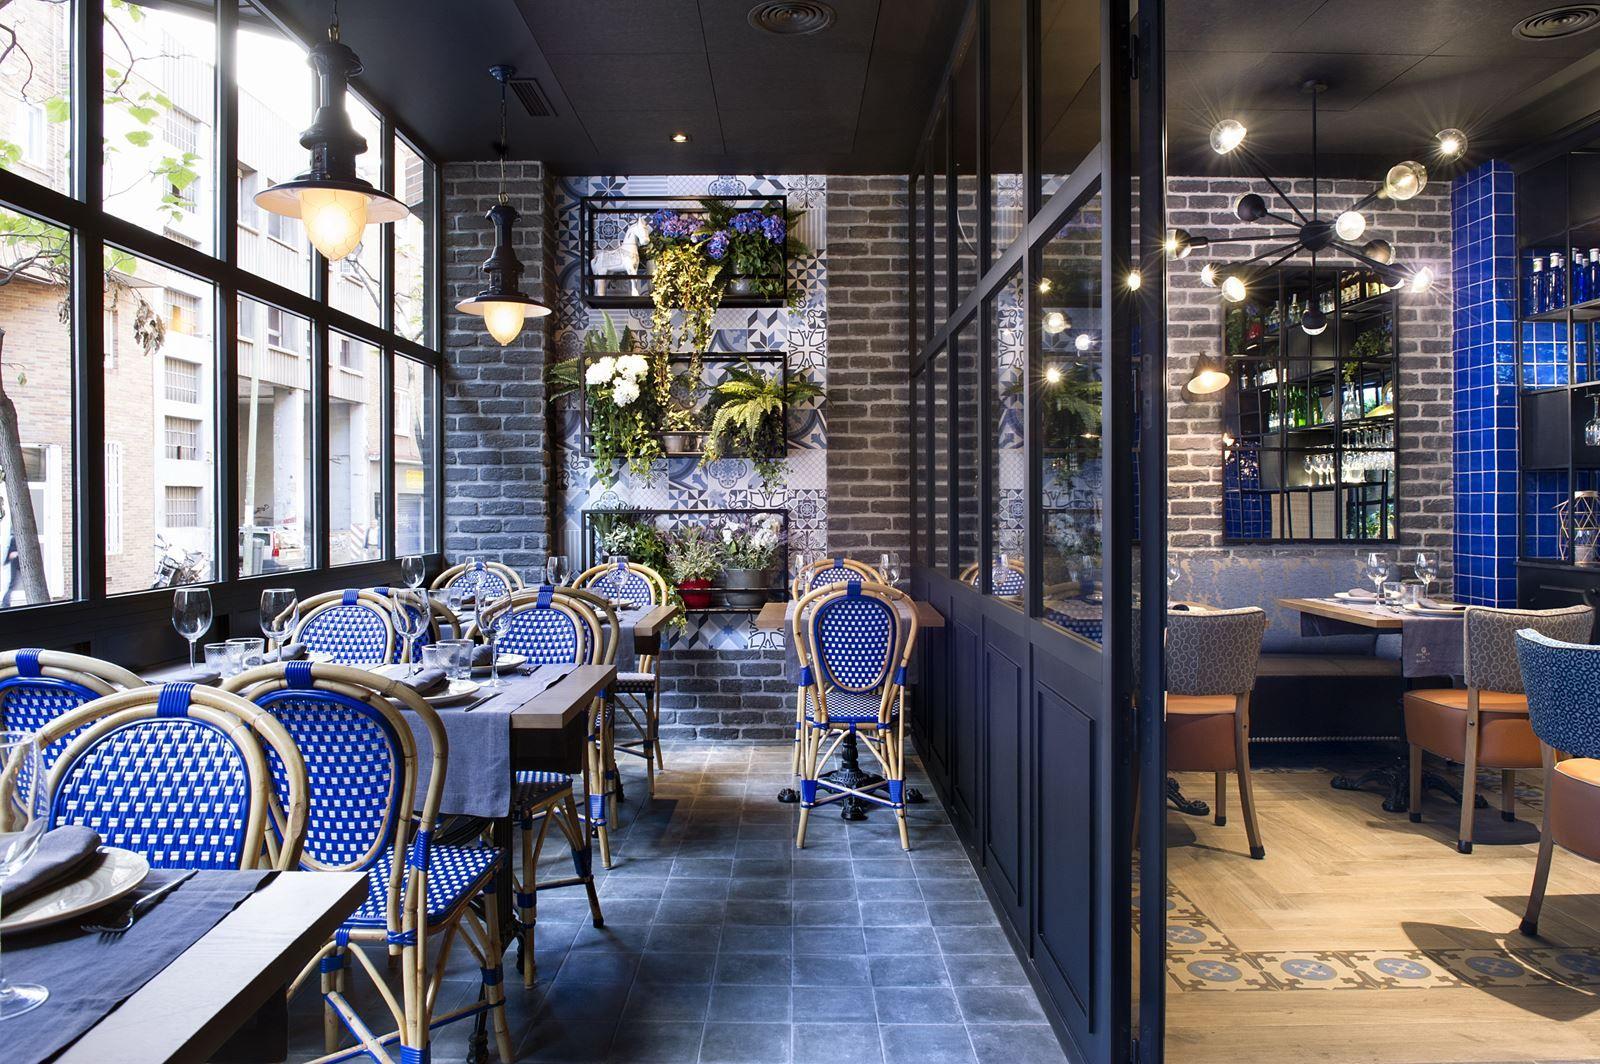 Montes De Galicia - Picture gallery #architecture #interiordesign #restaurant #blue